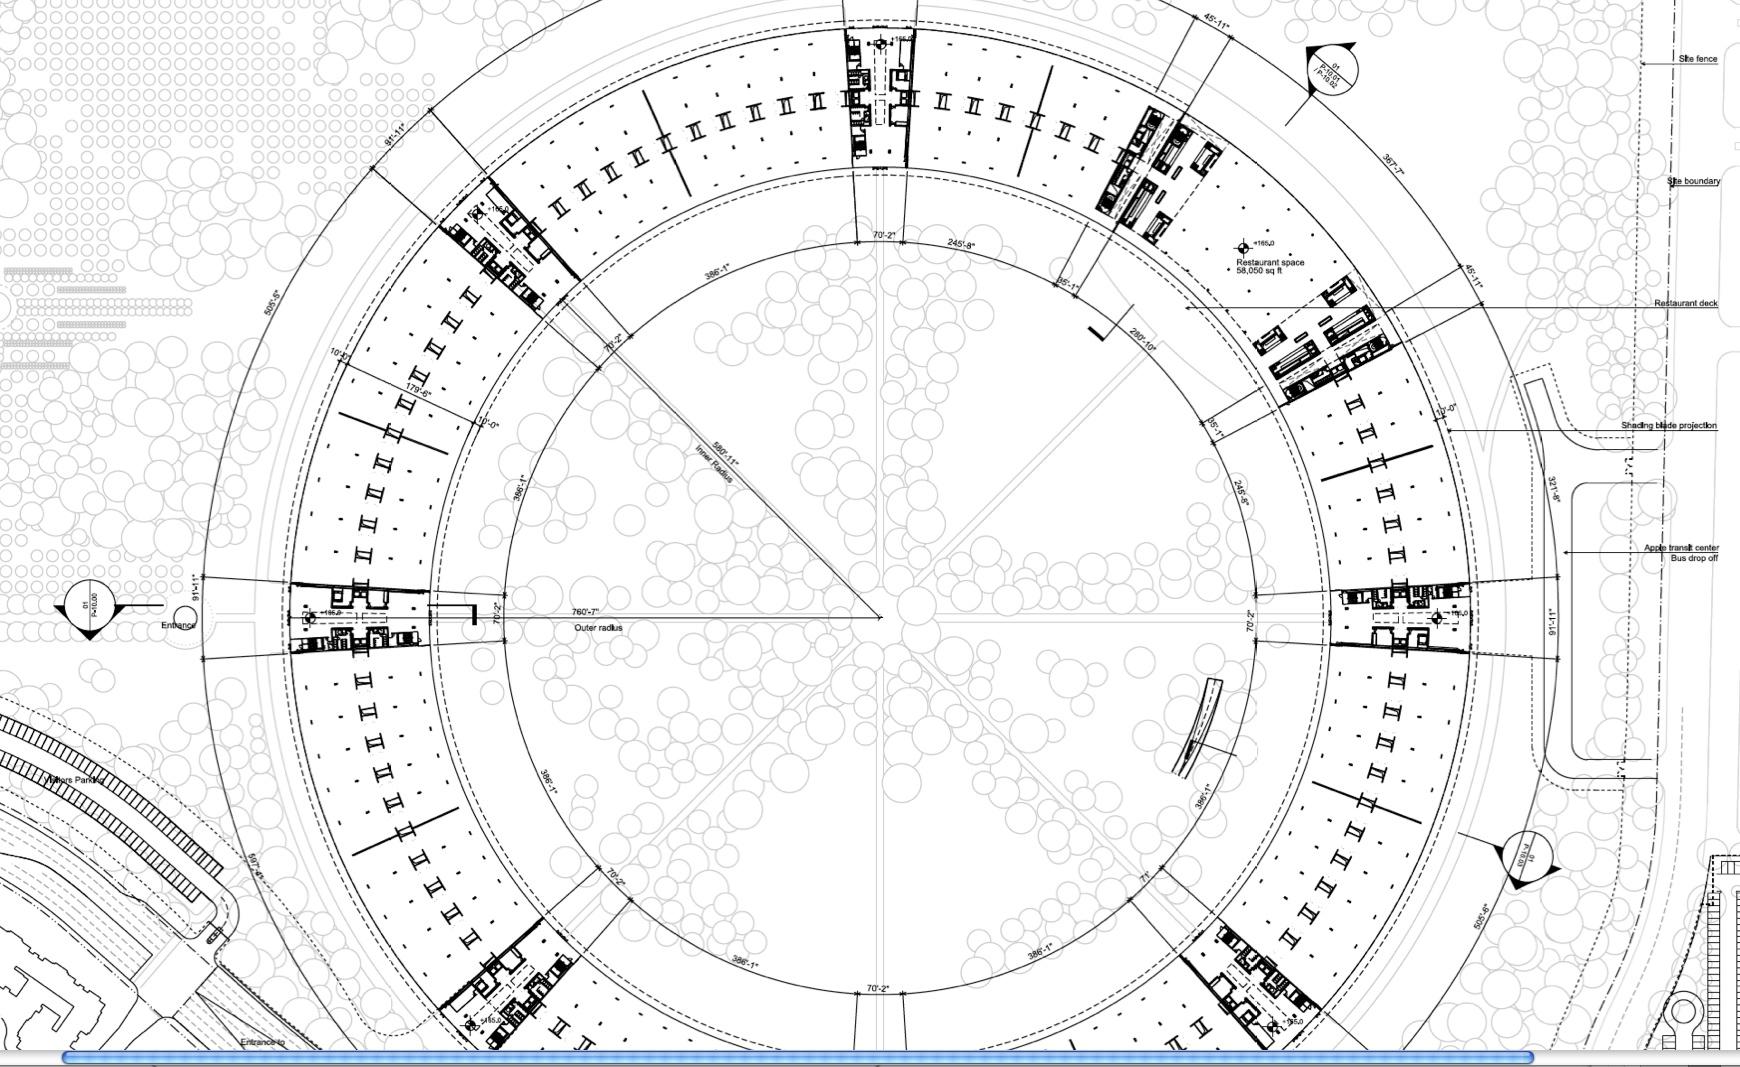 Raumschiffdesign: Details zu Apples neuer Firmenzentrale - Apple Campus 2 - Grundriss (Bild: Apple/Cupertino.org/Foster + Partners)